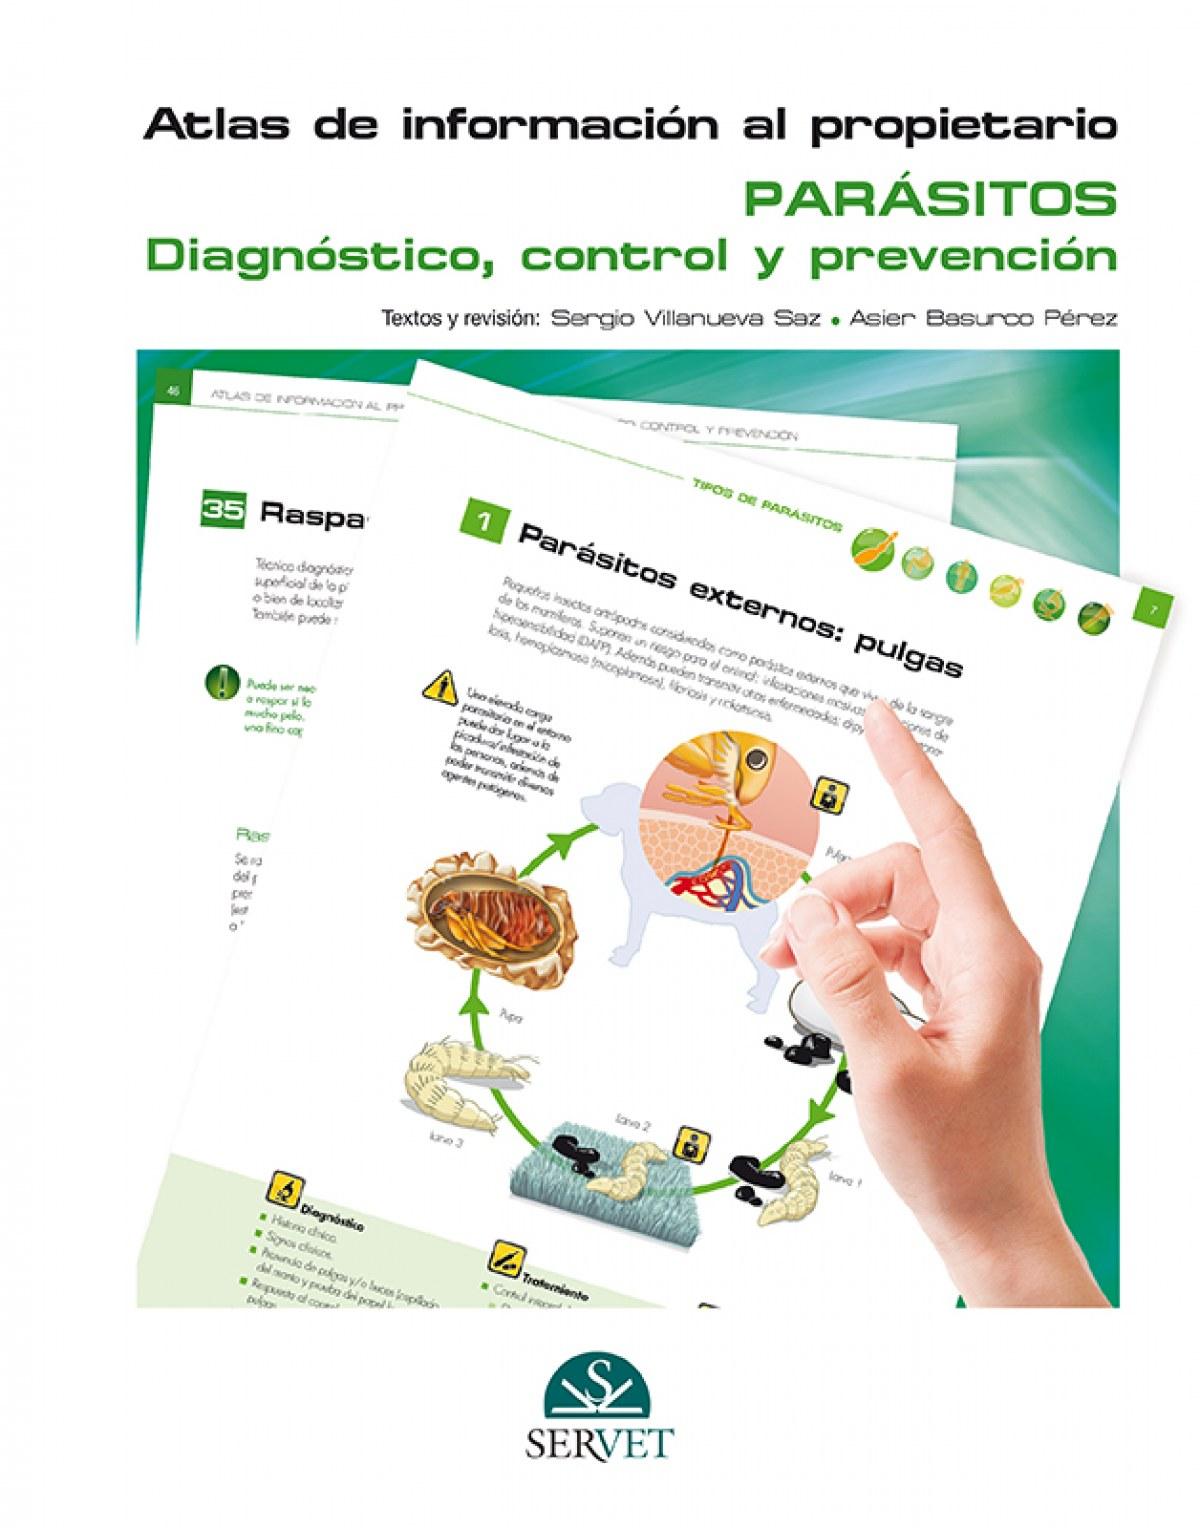 Atlas de información al propietario. Parásitos. Diagnóstico, control y prevención